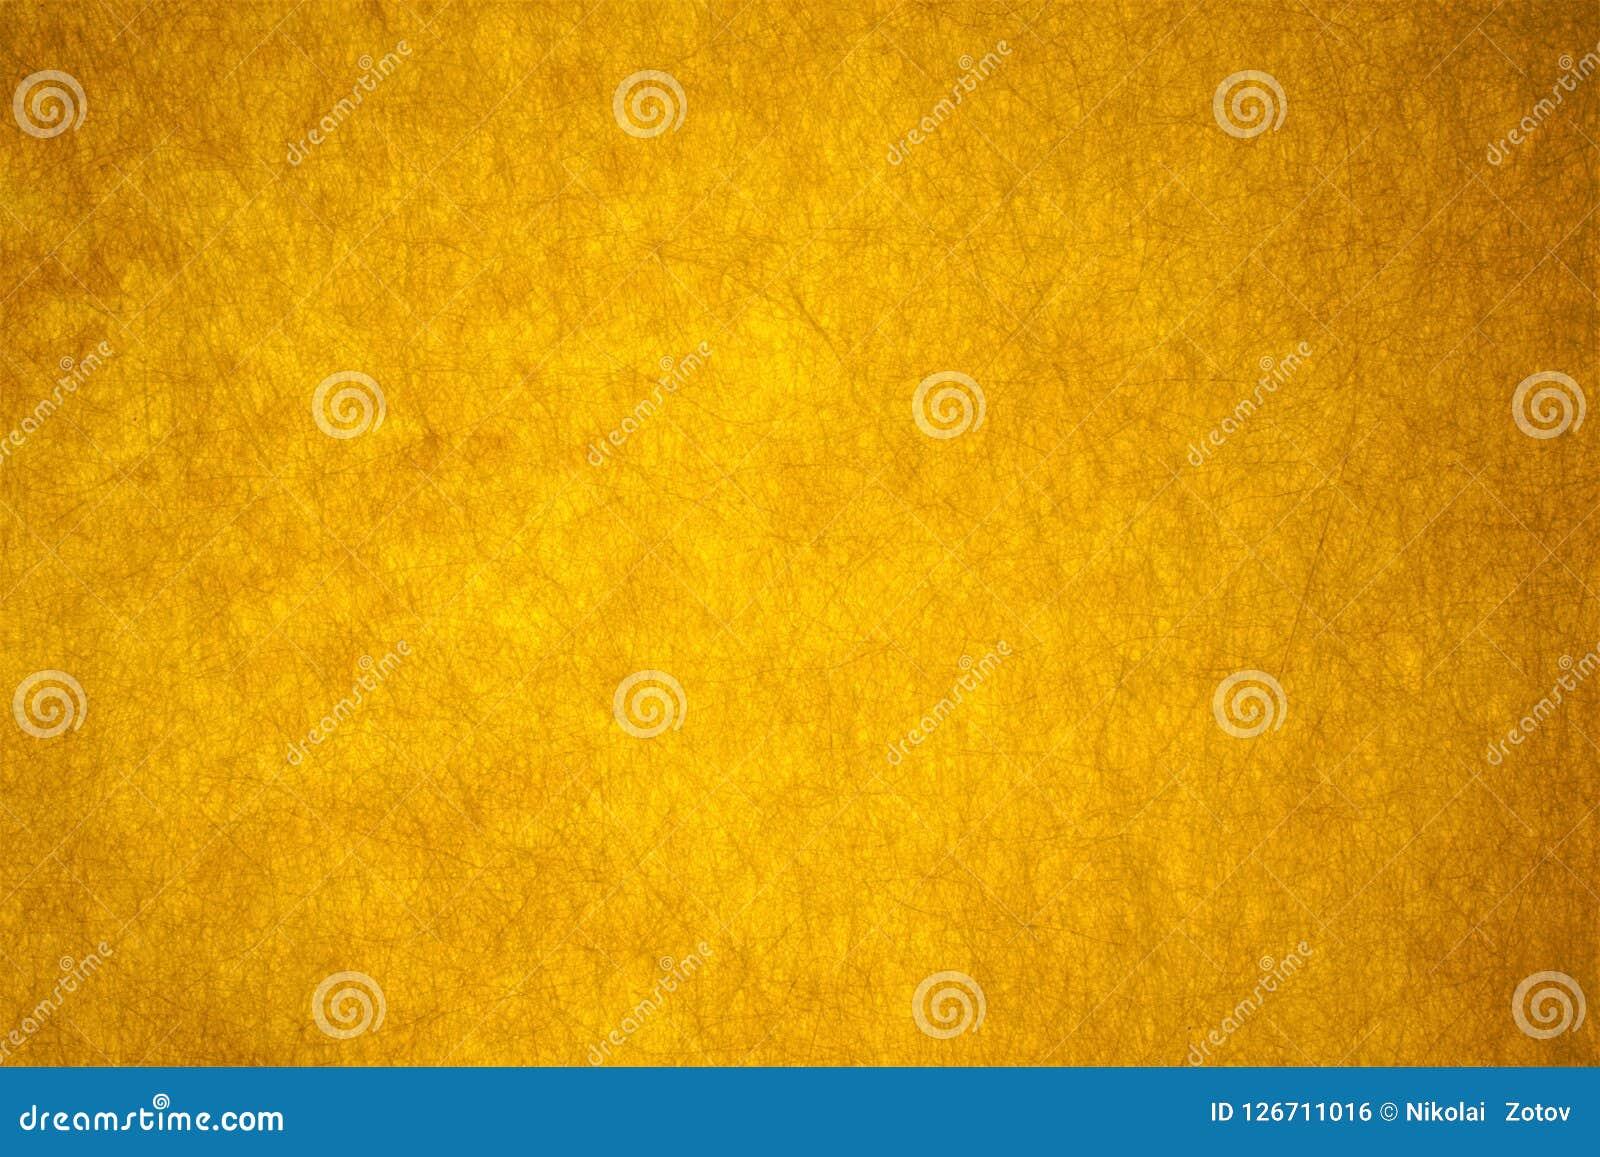 Mooie vezelige gele abstracte achtergrond